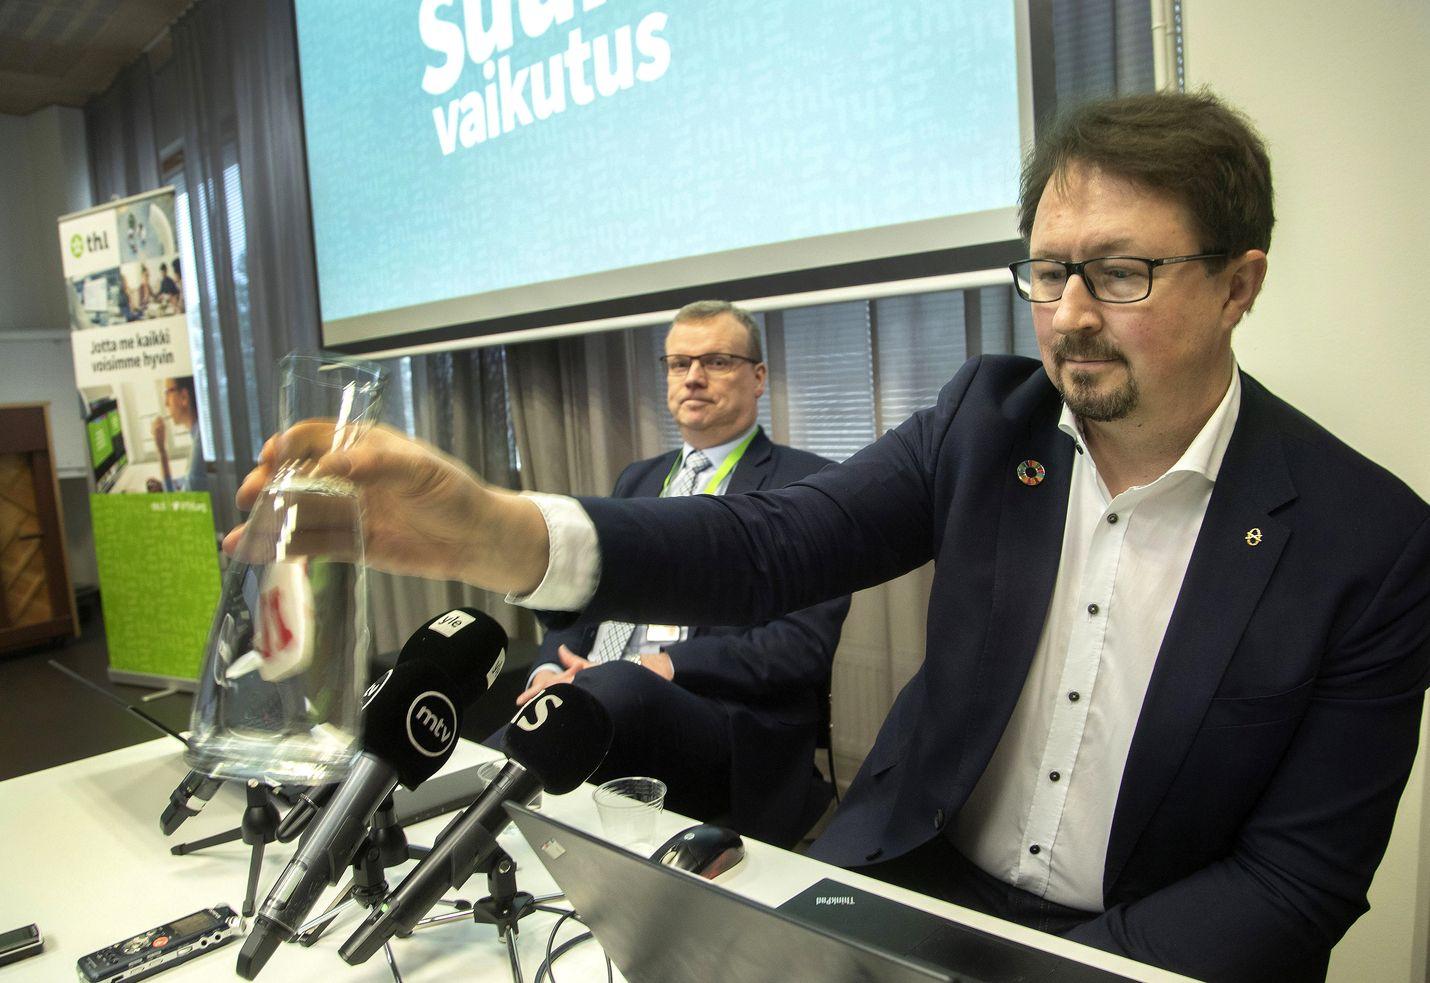 Terveyden ja hyvinvoinnin laitoksen (THL) mukaan Suomen koronatilanne on vakaa. Kuvassa THL:n pääjohtaja Markku Tervahauta (vasemmalla) ja terveysturvallisuusjohtaja Mika Salminen.